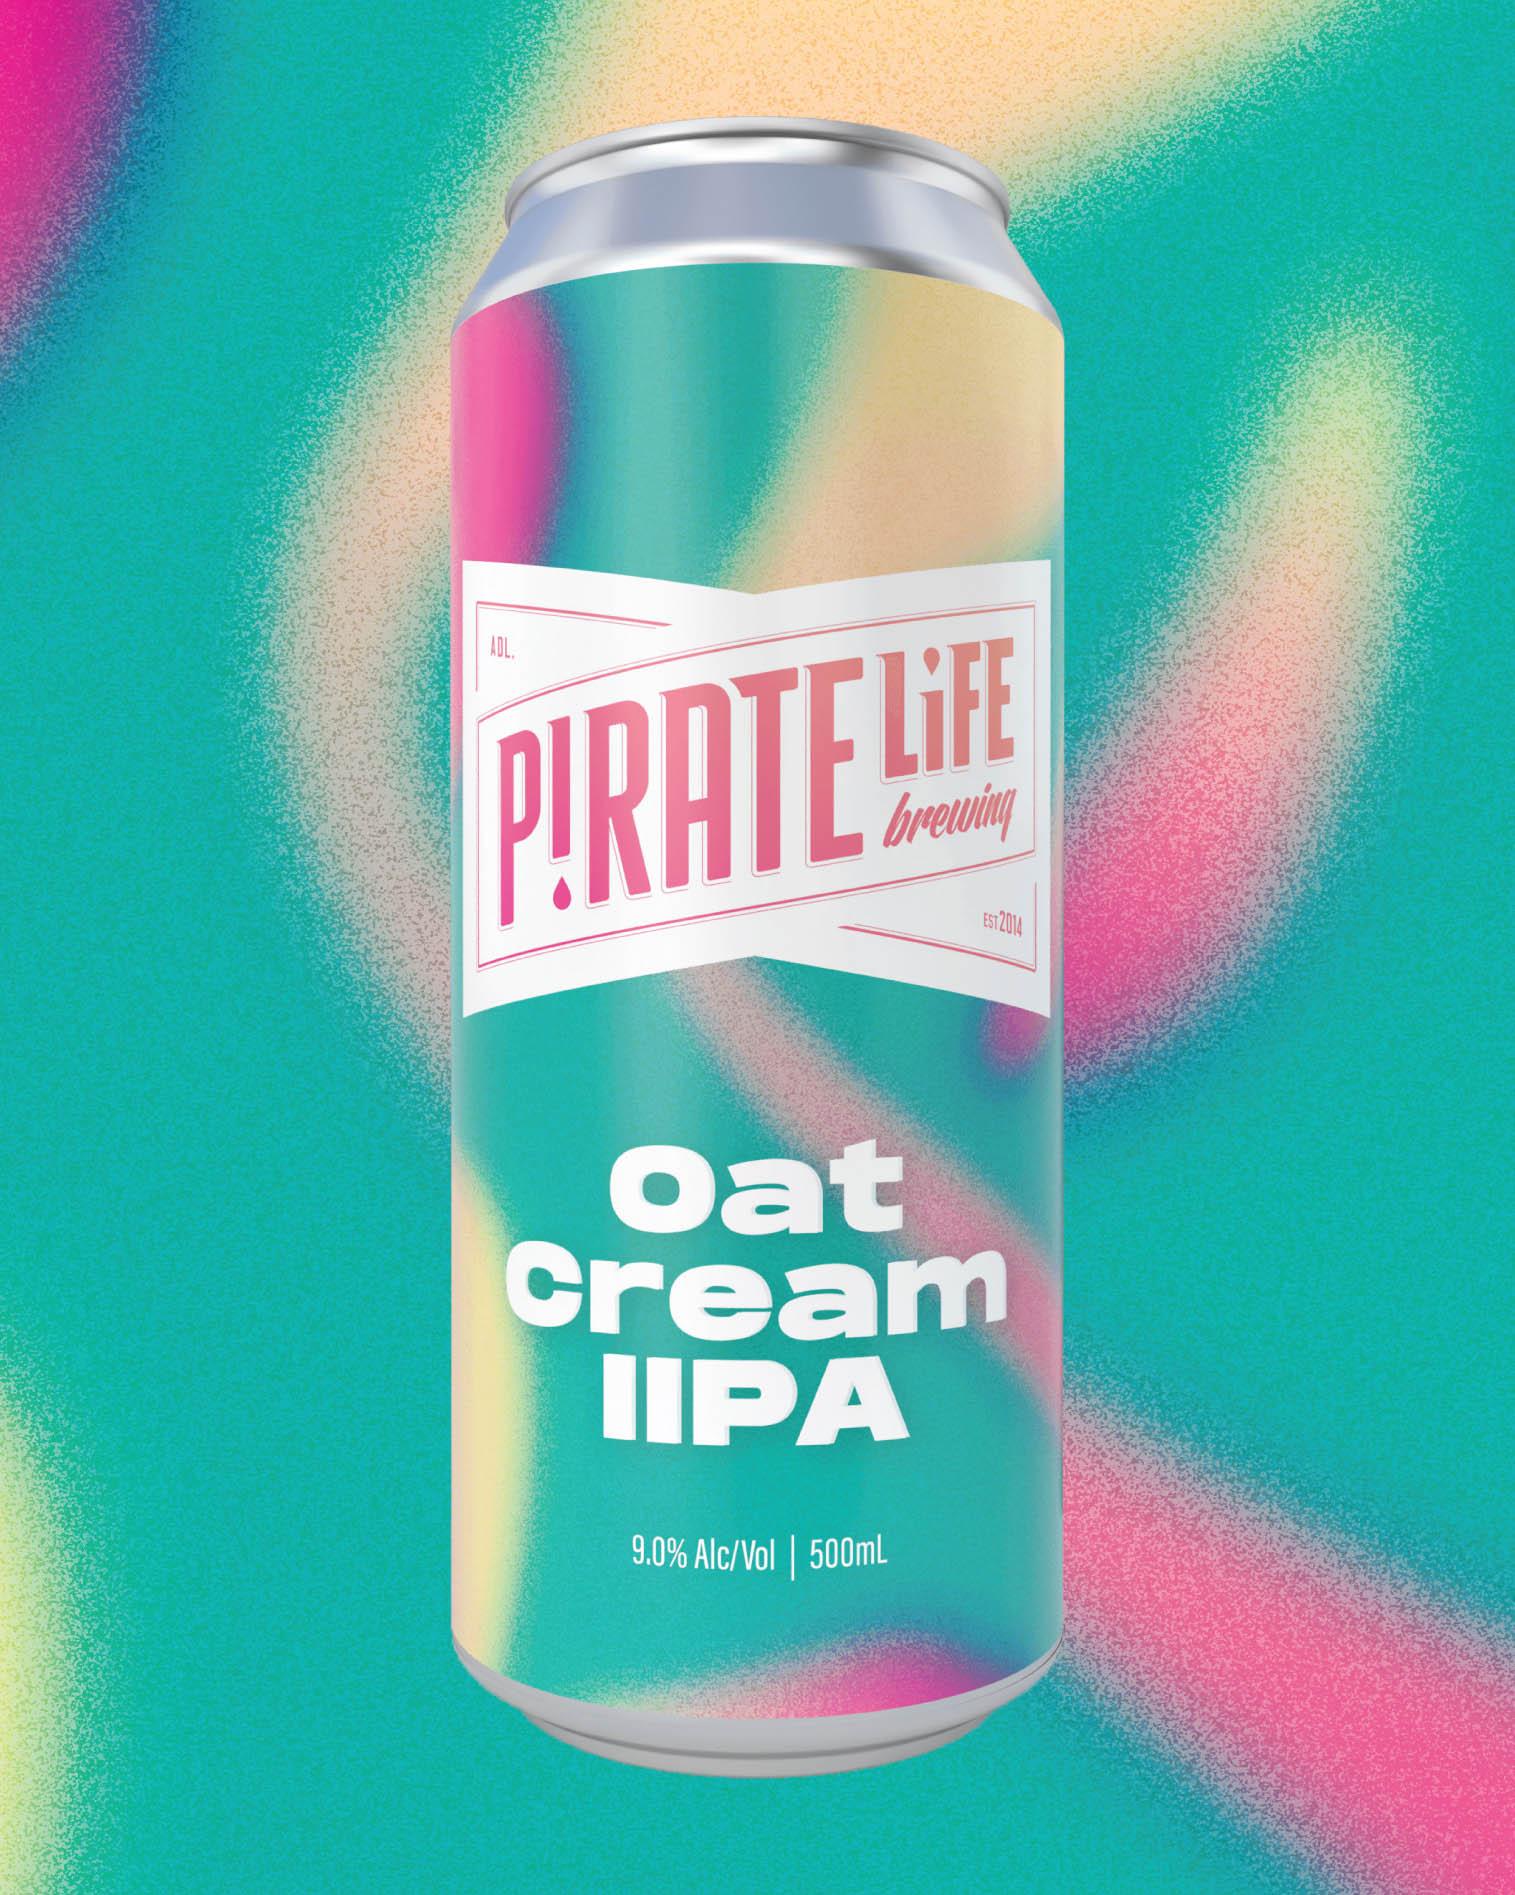 Oat Cream IIPA